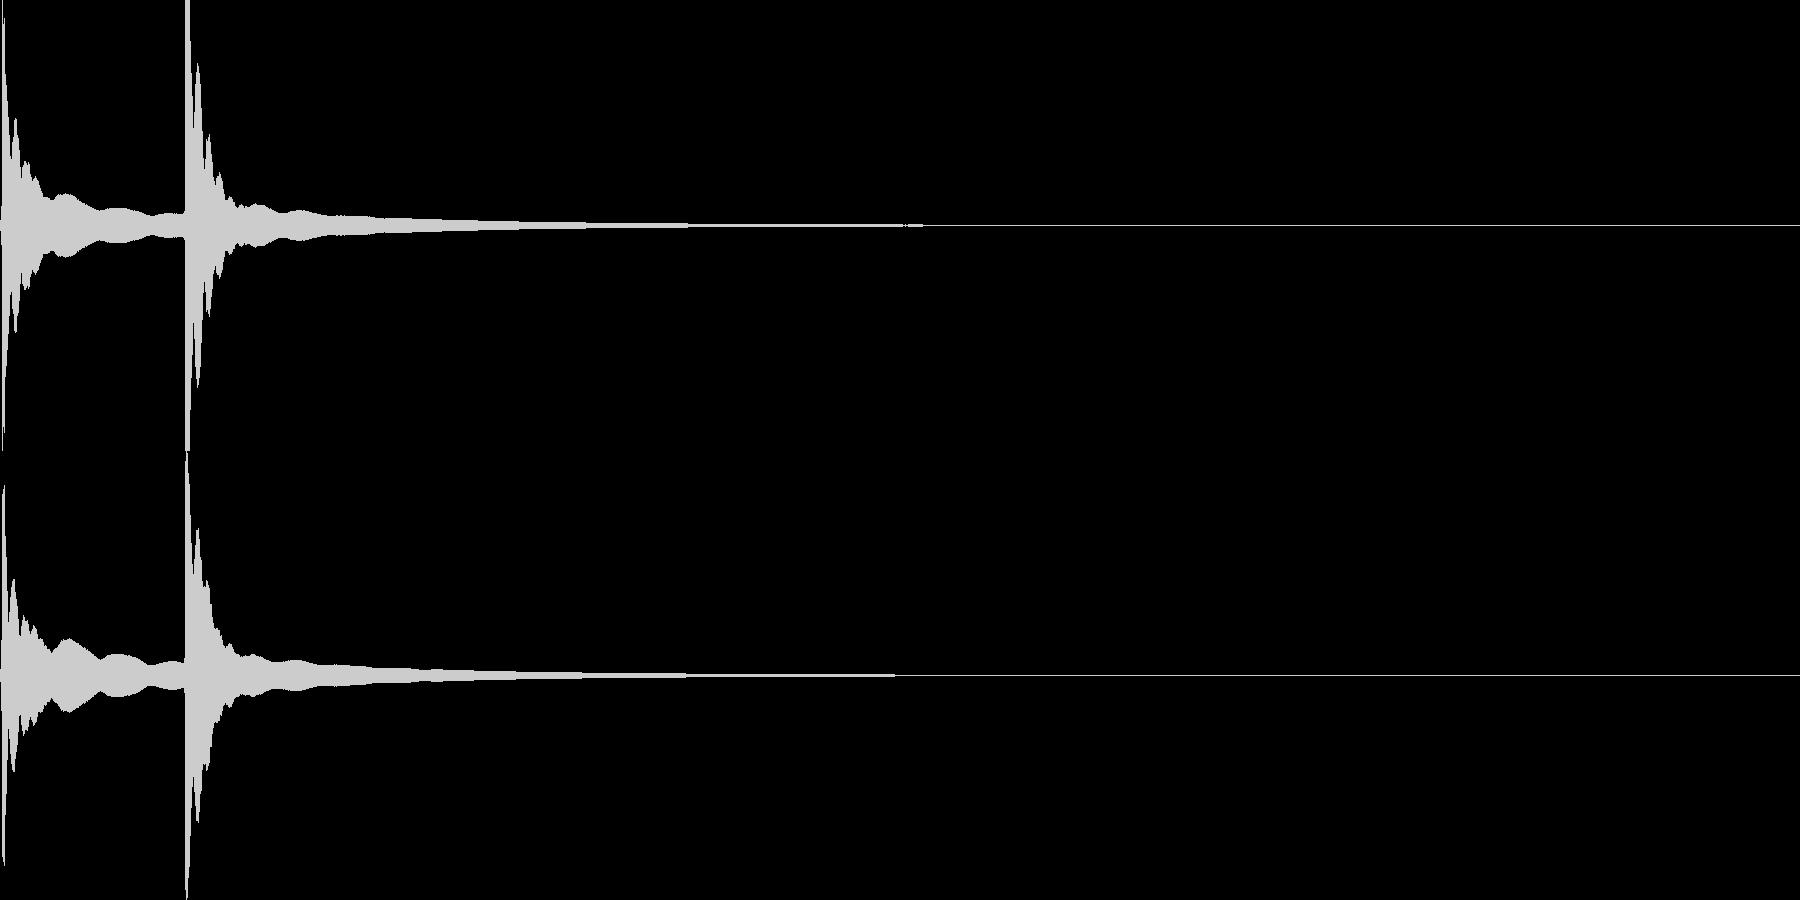 チーン(自転車のベル)2回【生録音】の未再生の波形